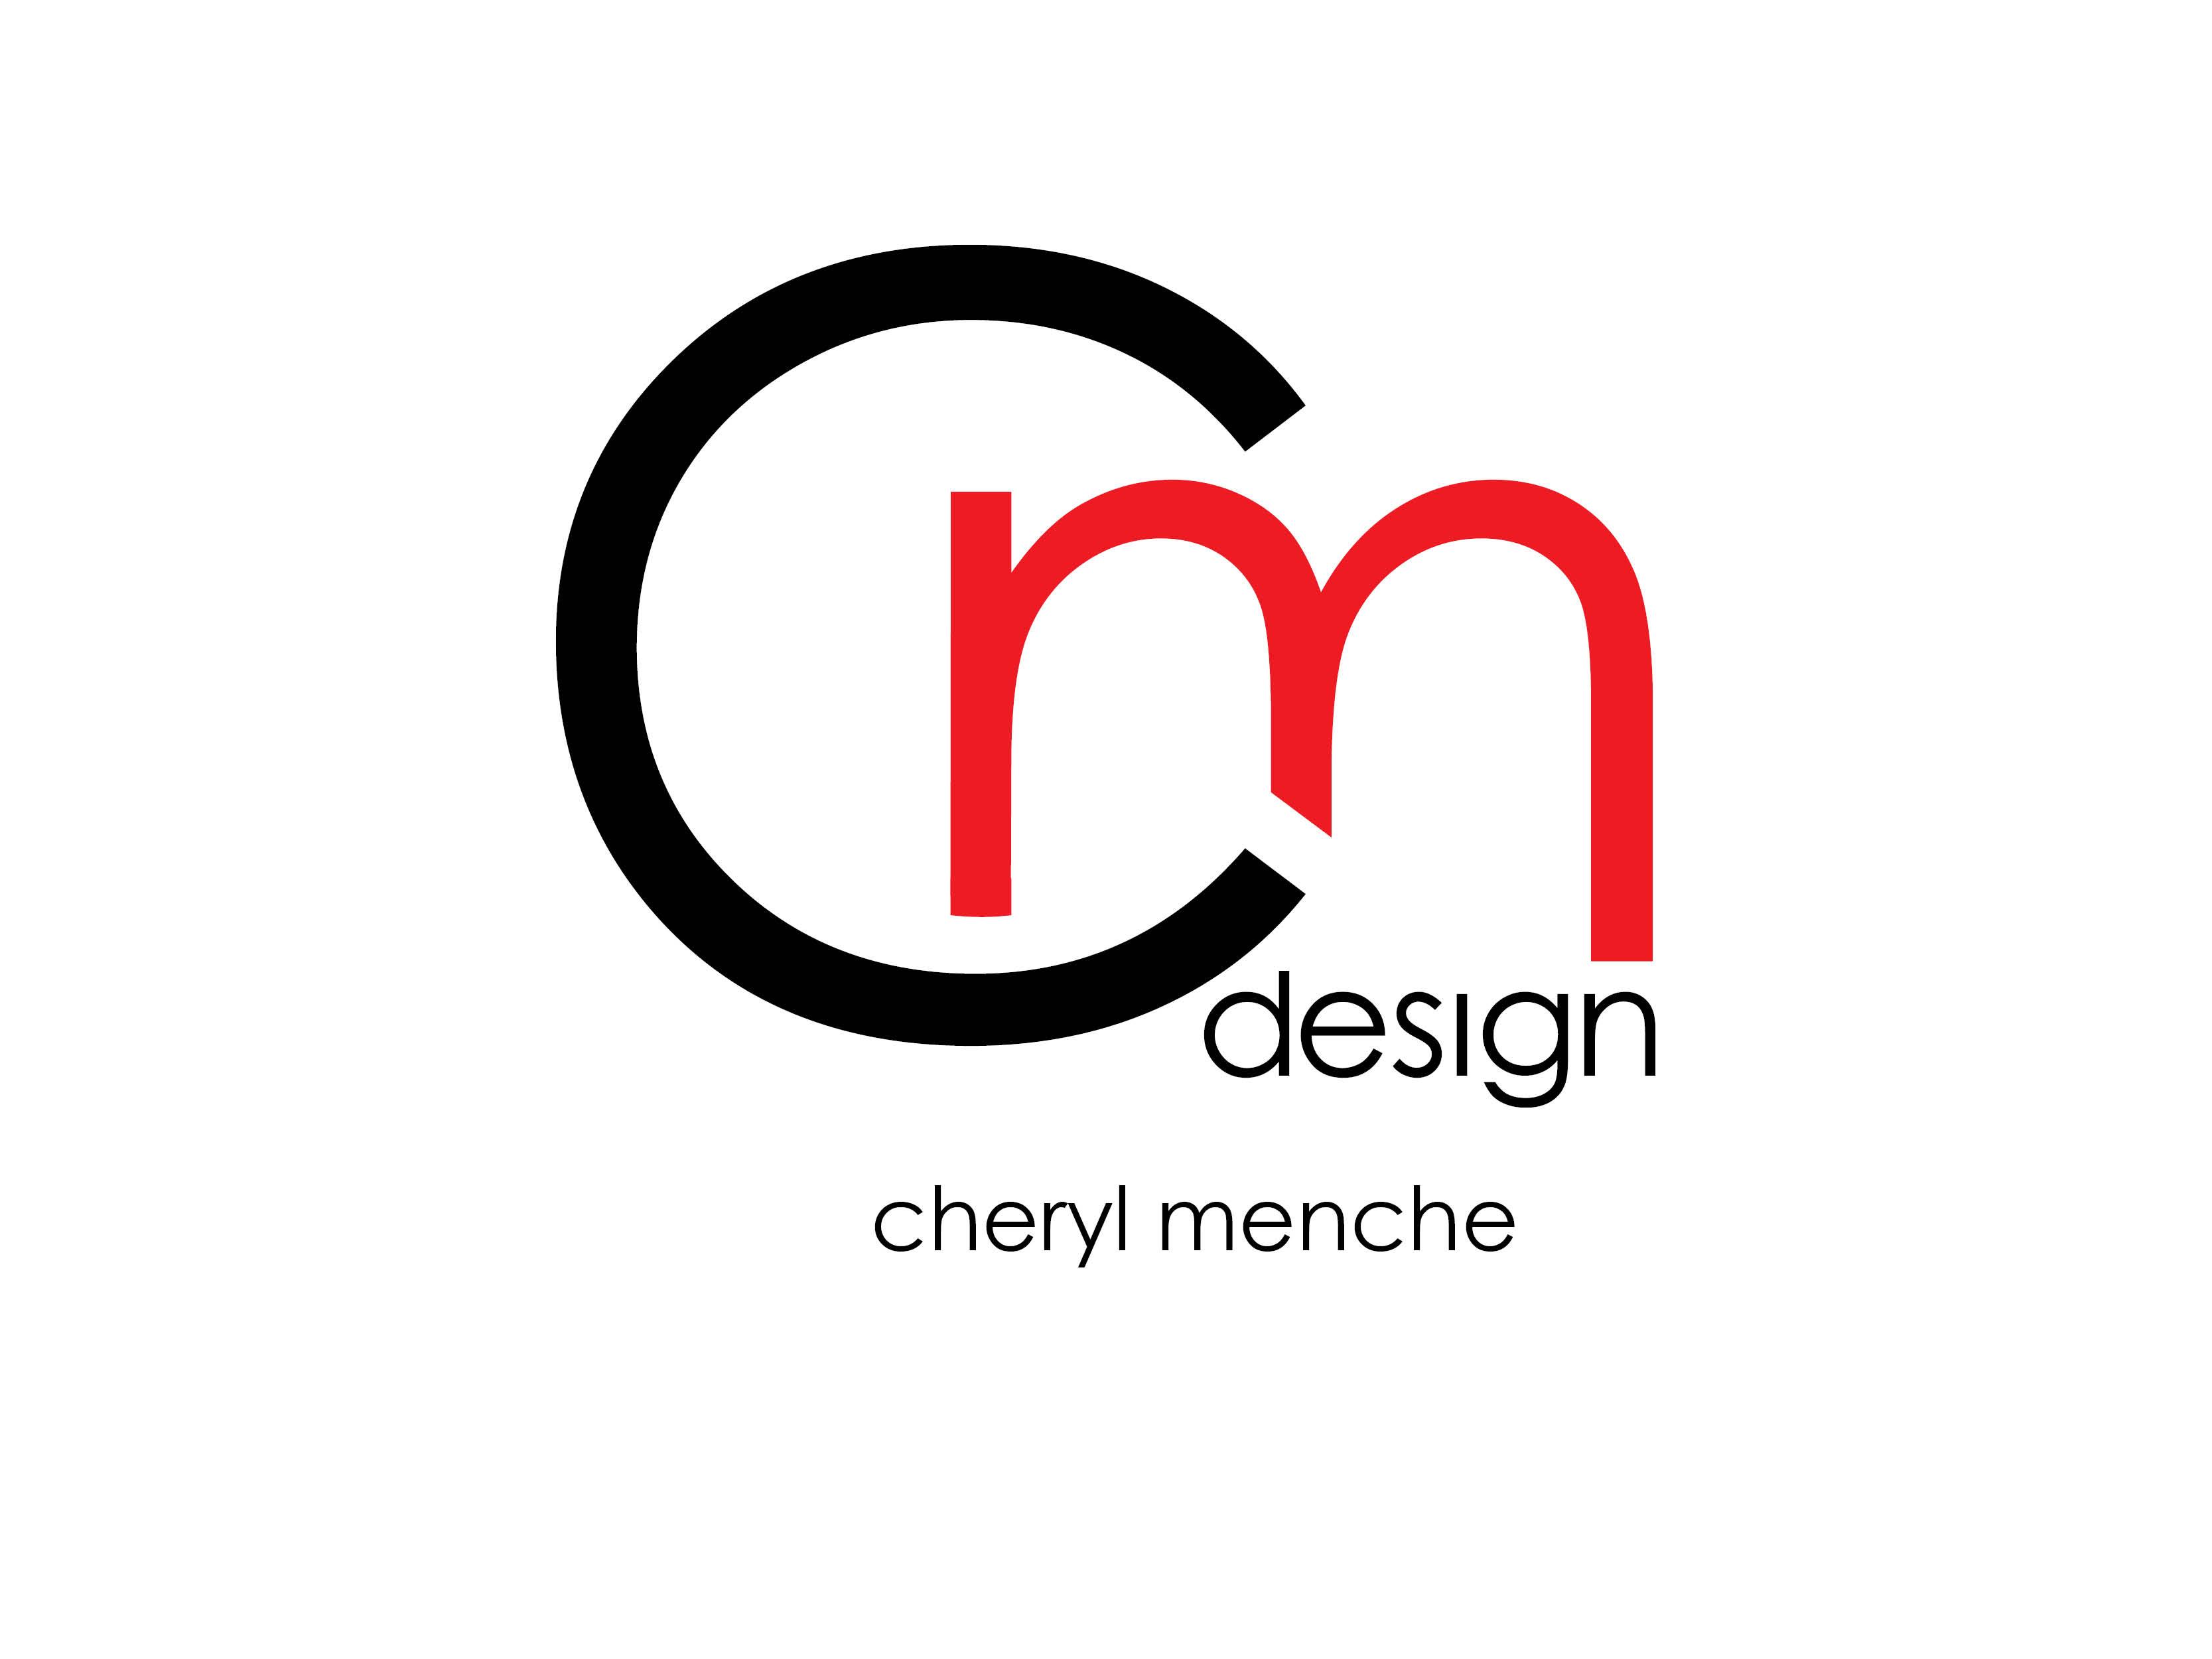 cm logos